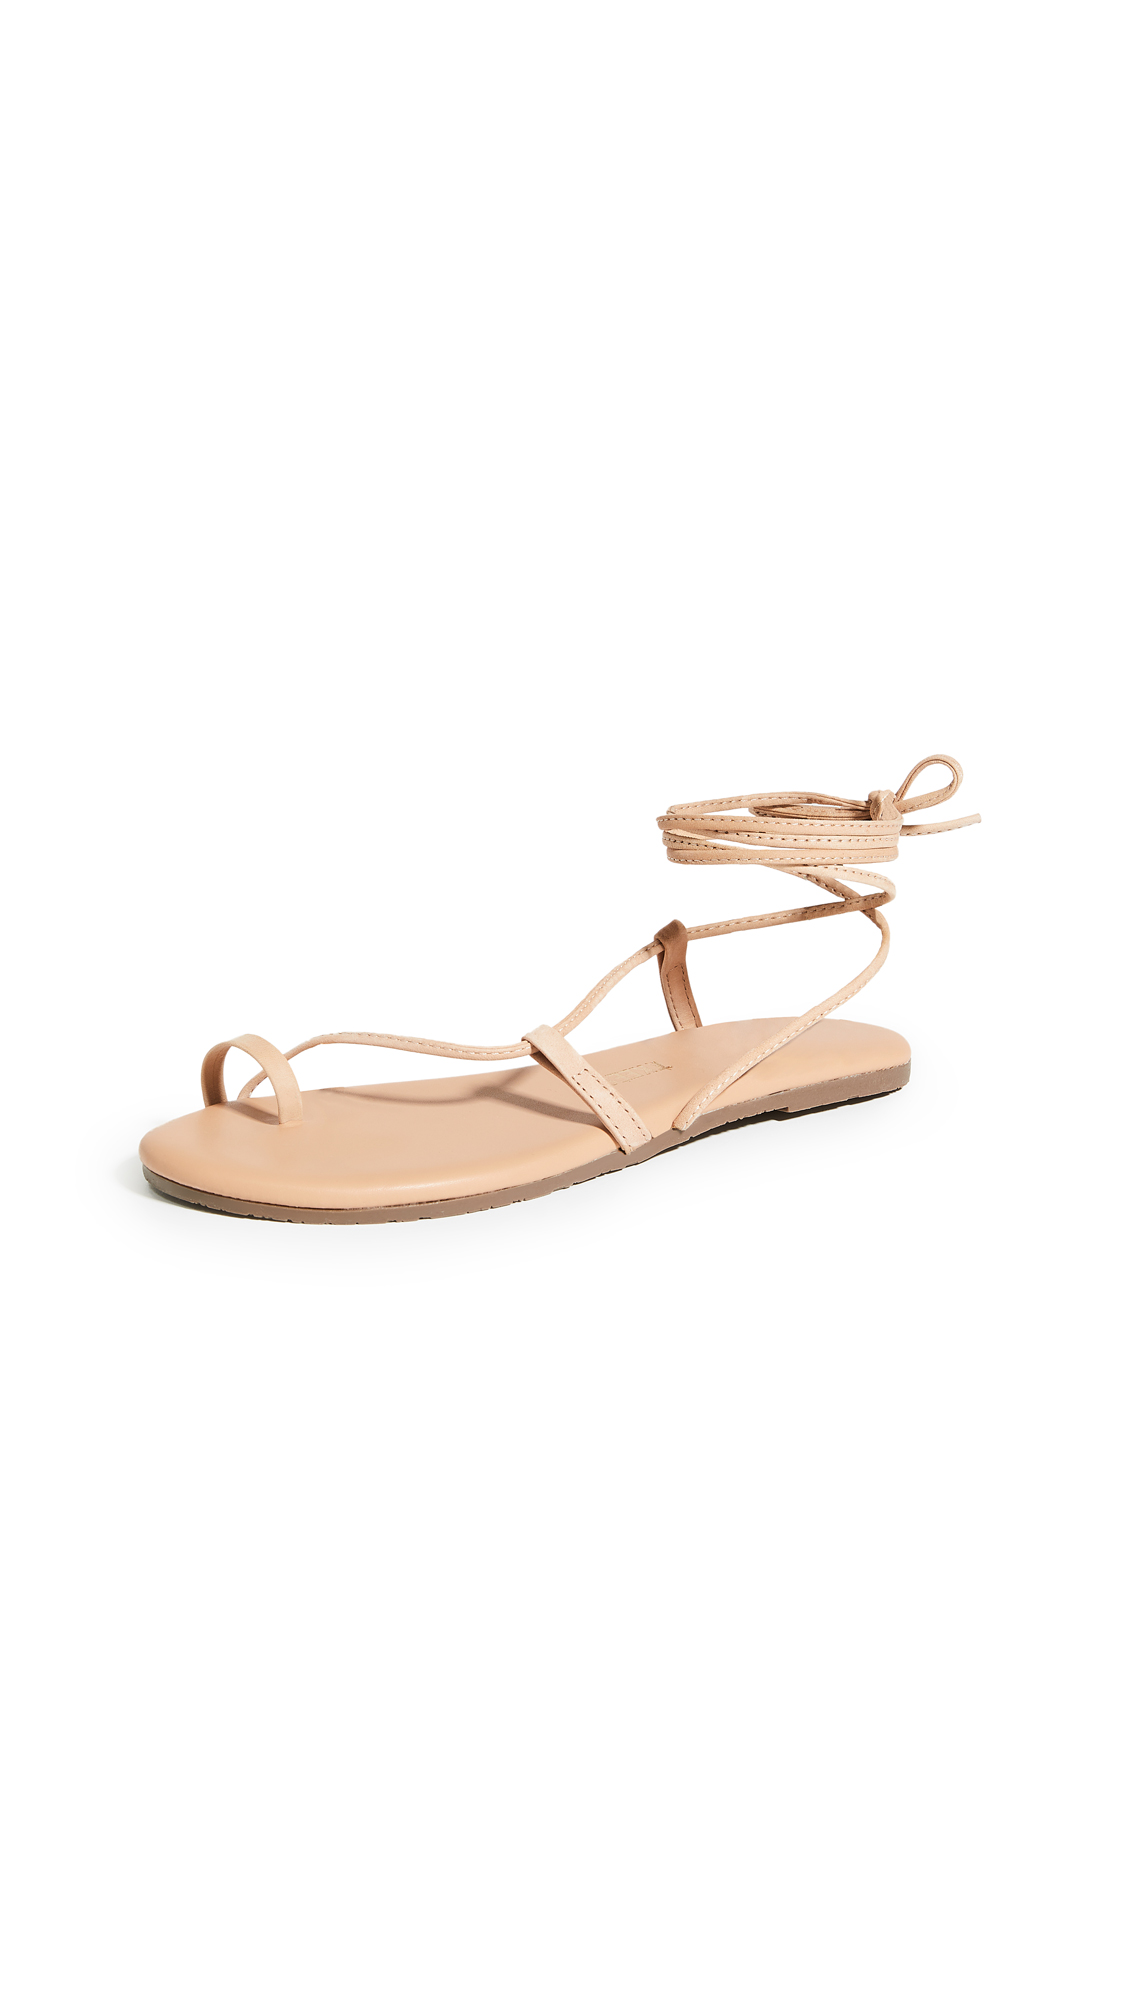 Buy TKEES Jo Sandals online, shop TKEES